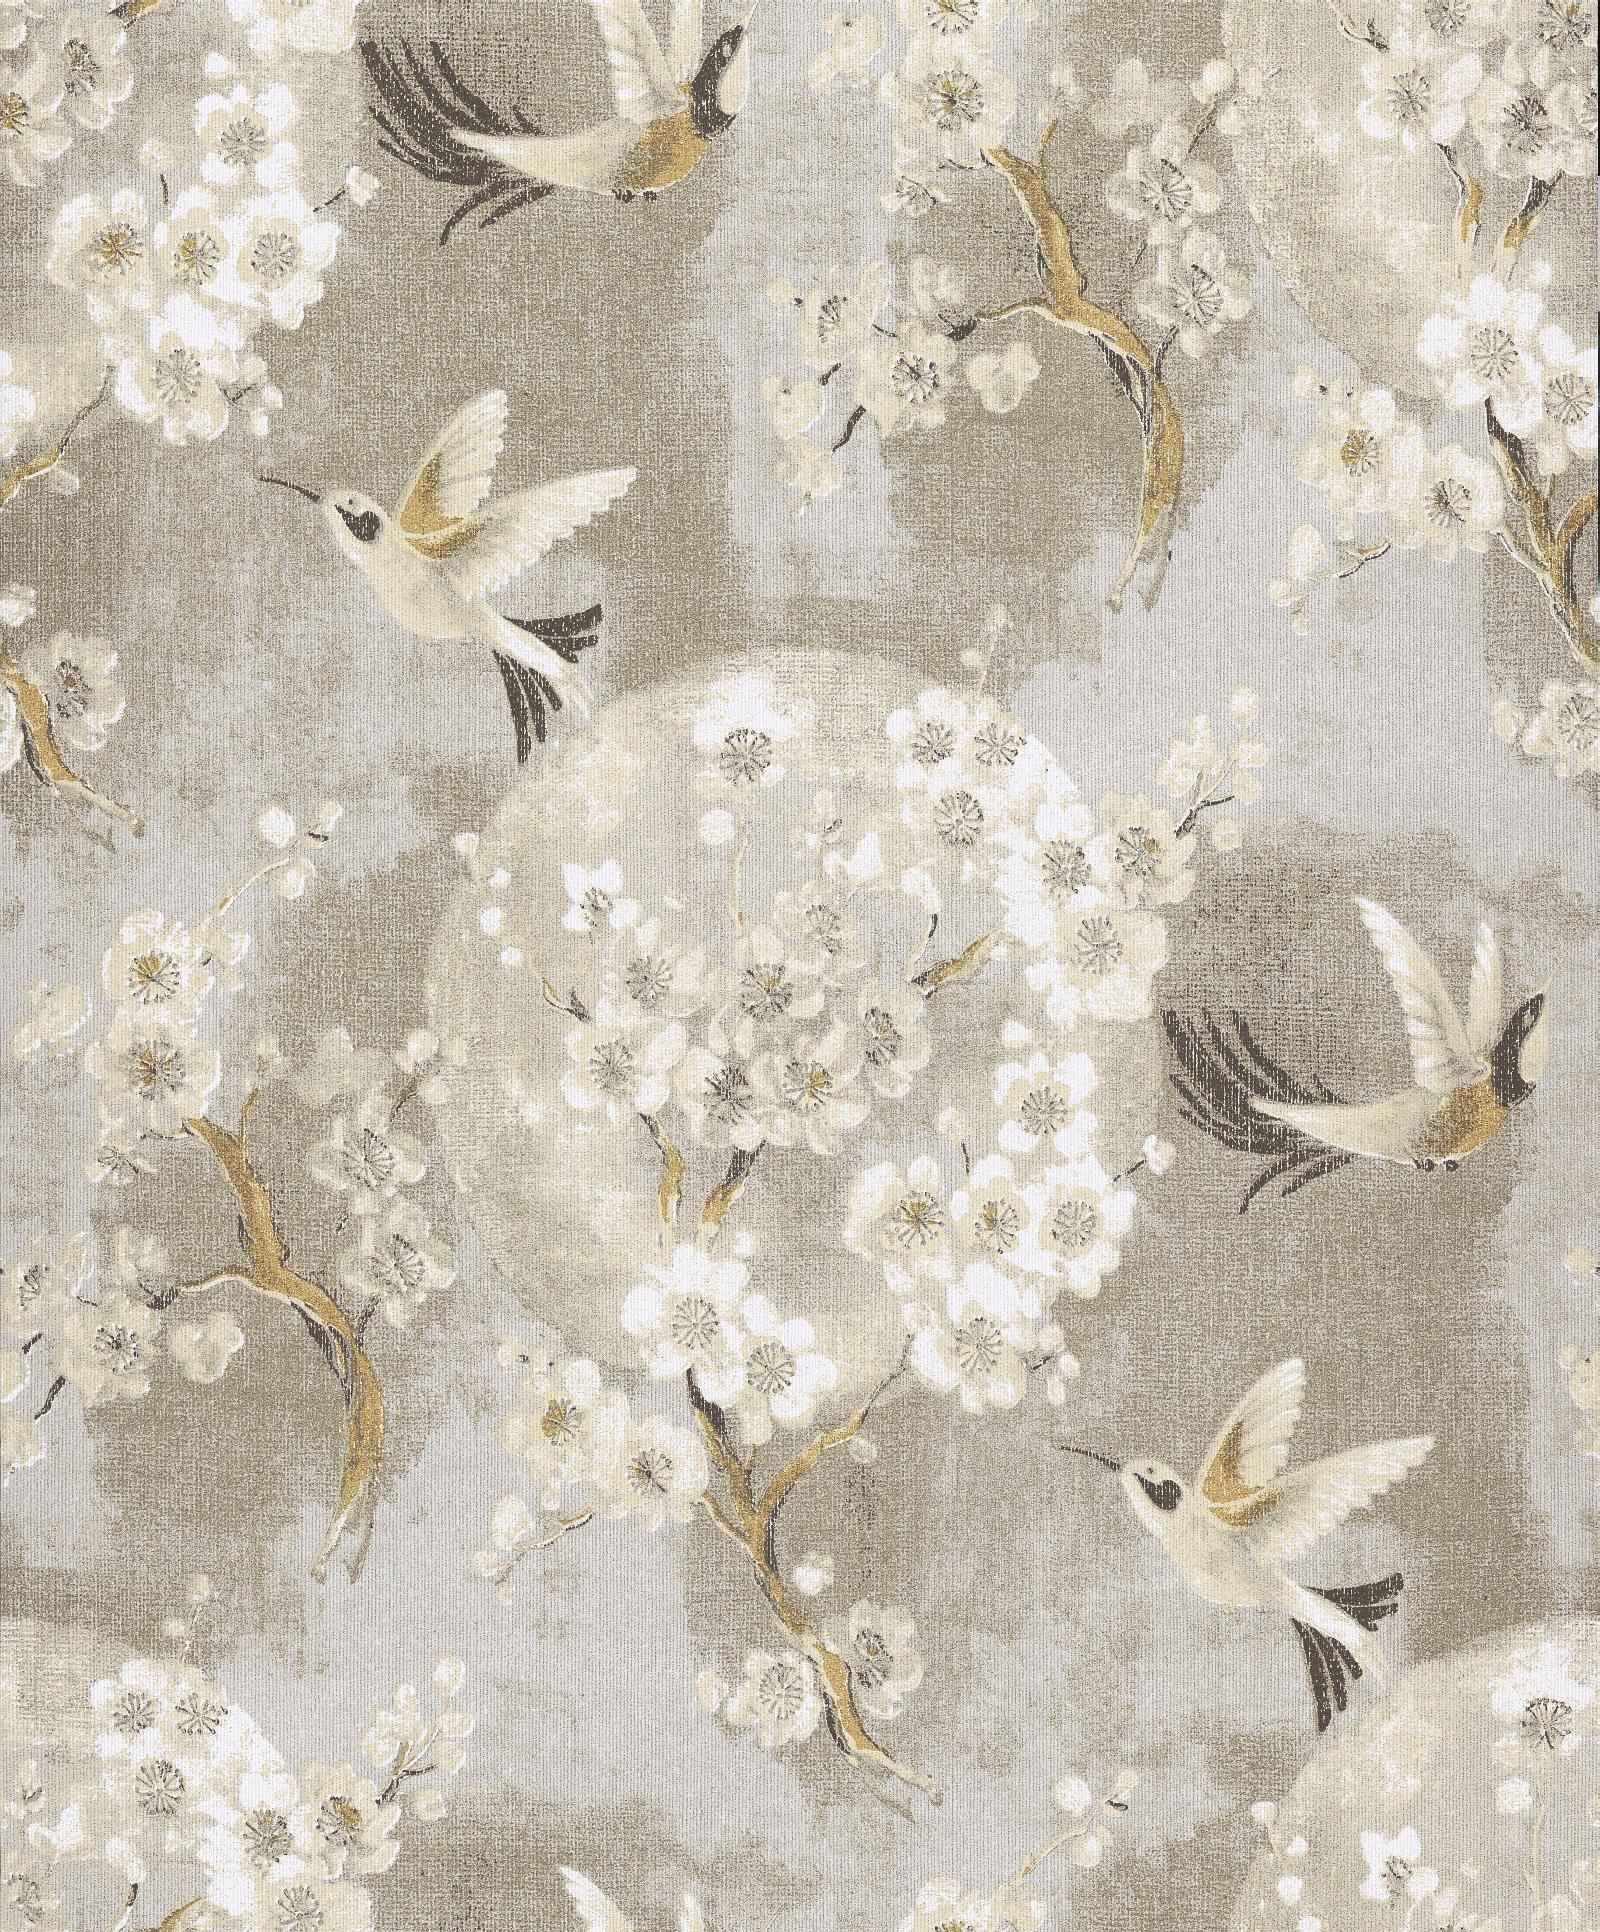 Ipanema papel pintado floral ferus 206 101 - Catalogo de papel pintado para paredes ...